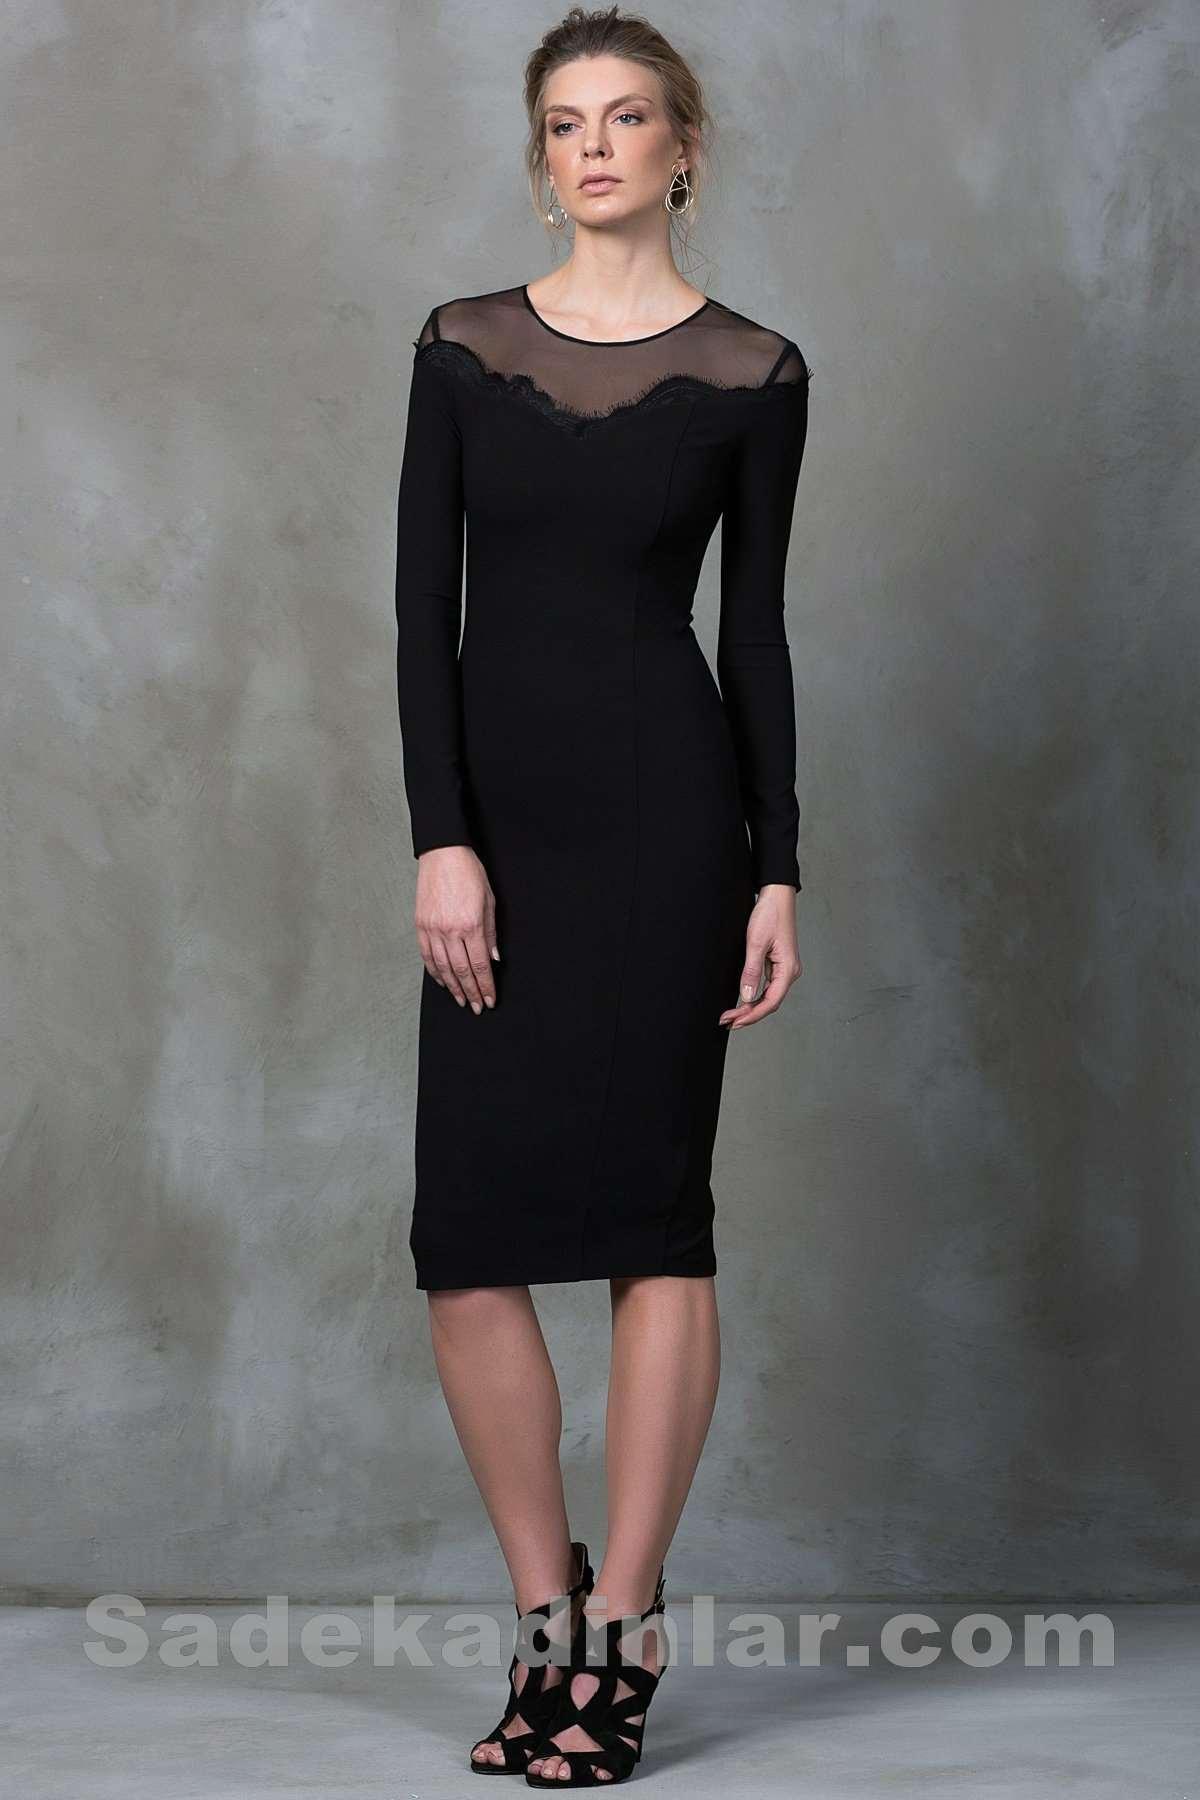 1b2f7c1849abd Dantel Detaylı Dizaltı Siyah Elbise Modelleri | SadeKadınlar ...